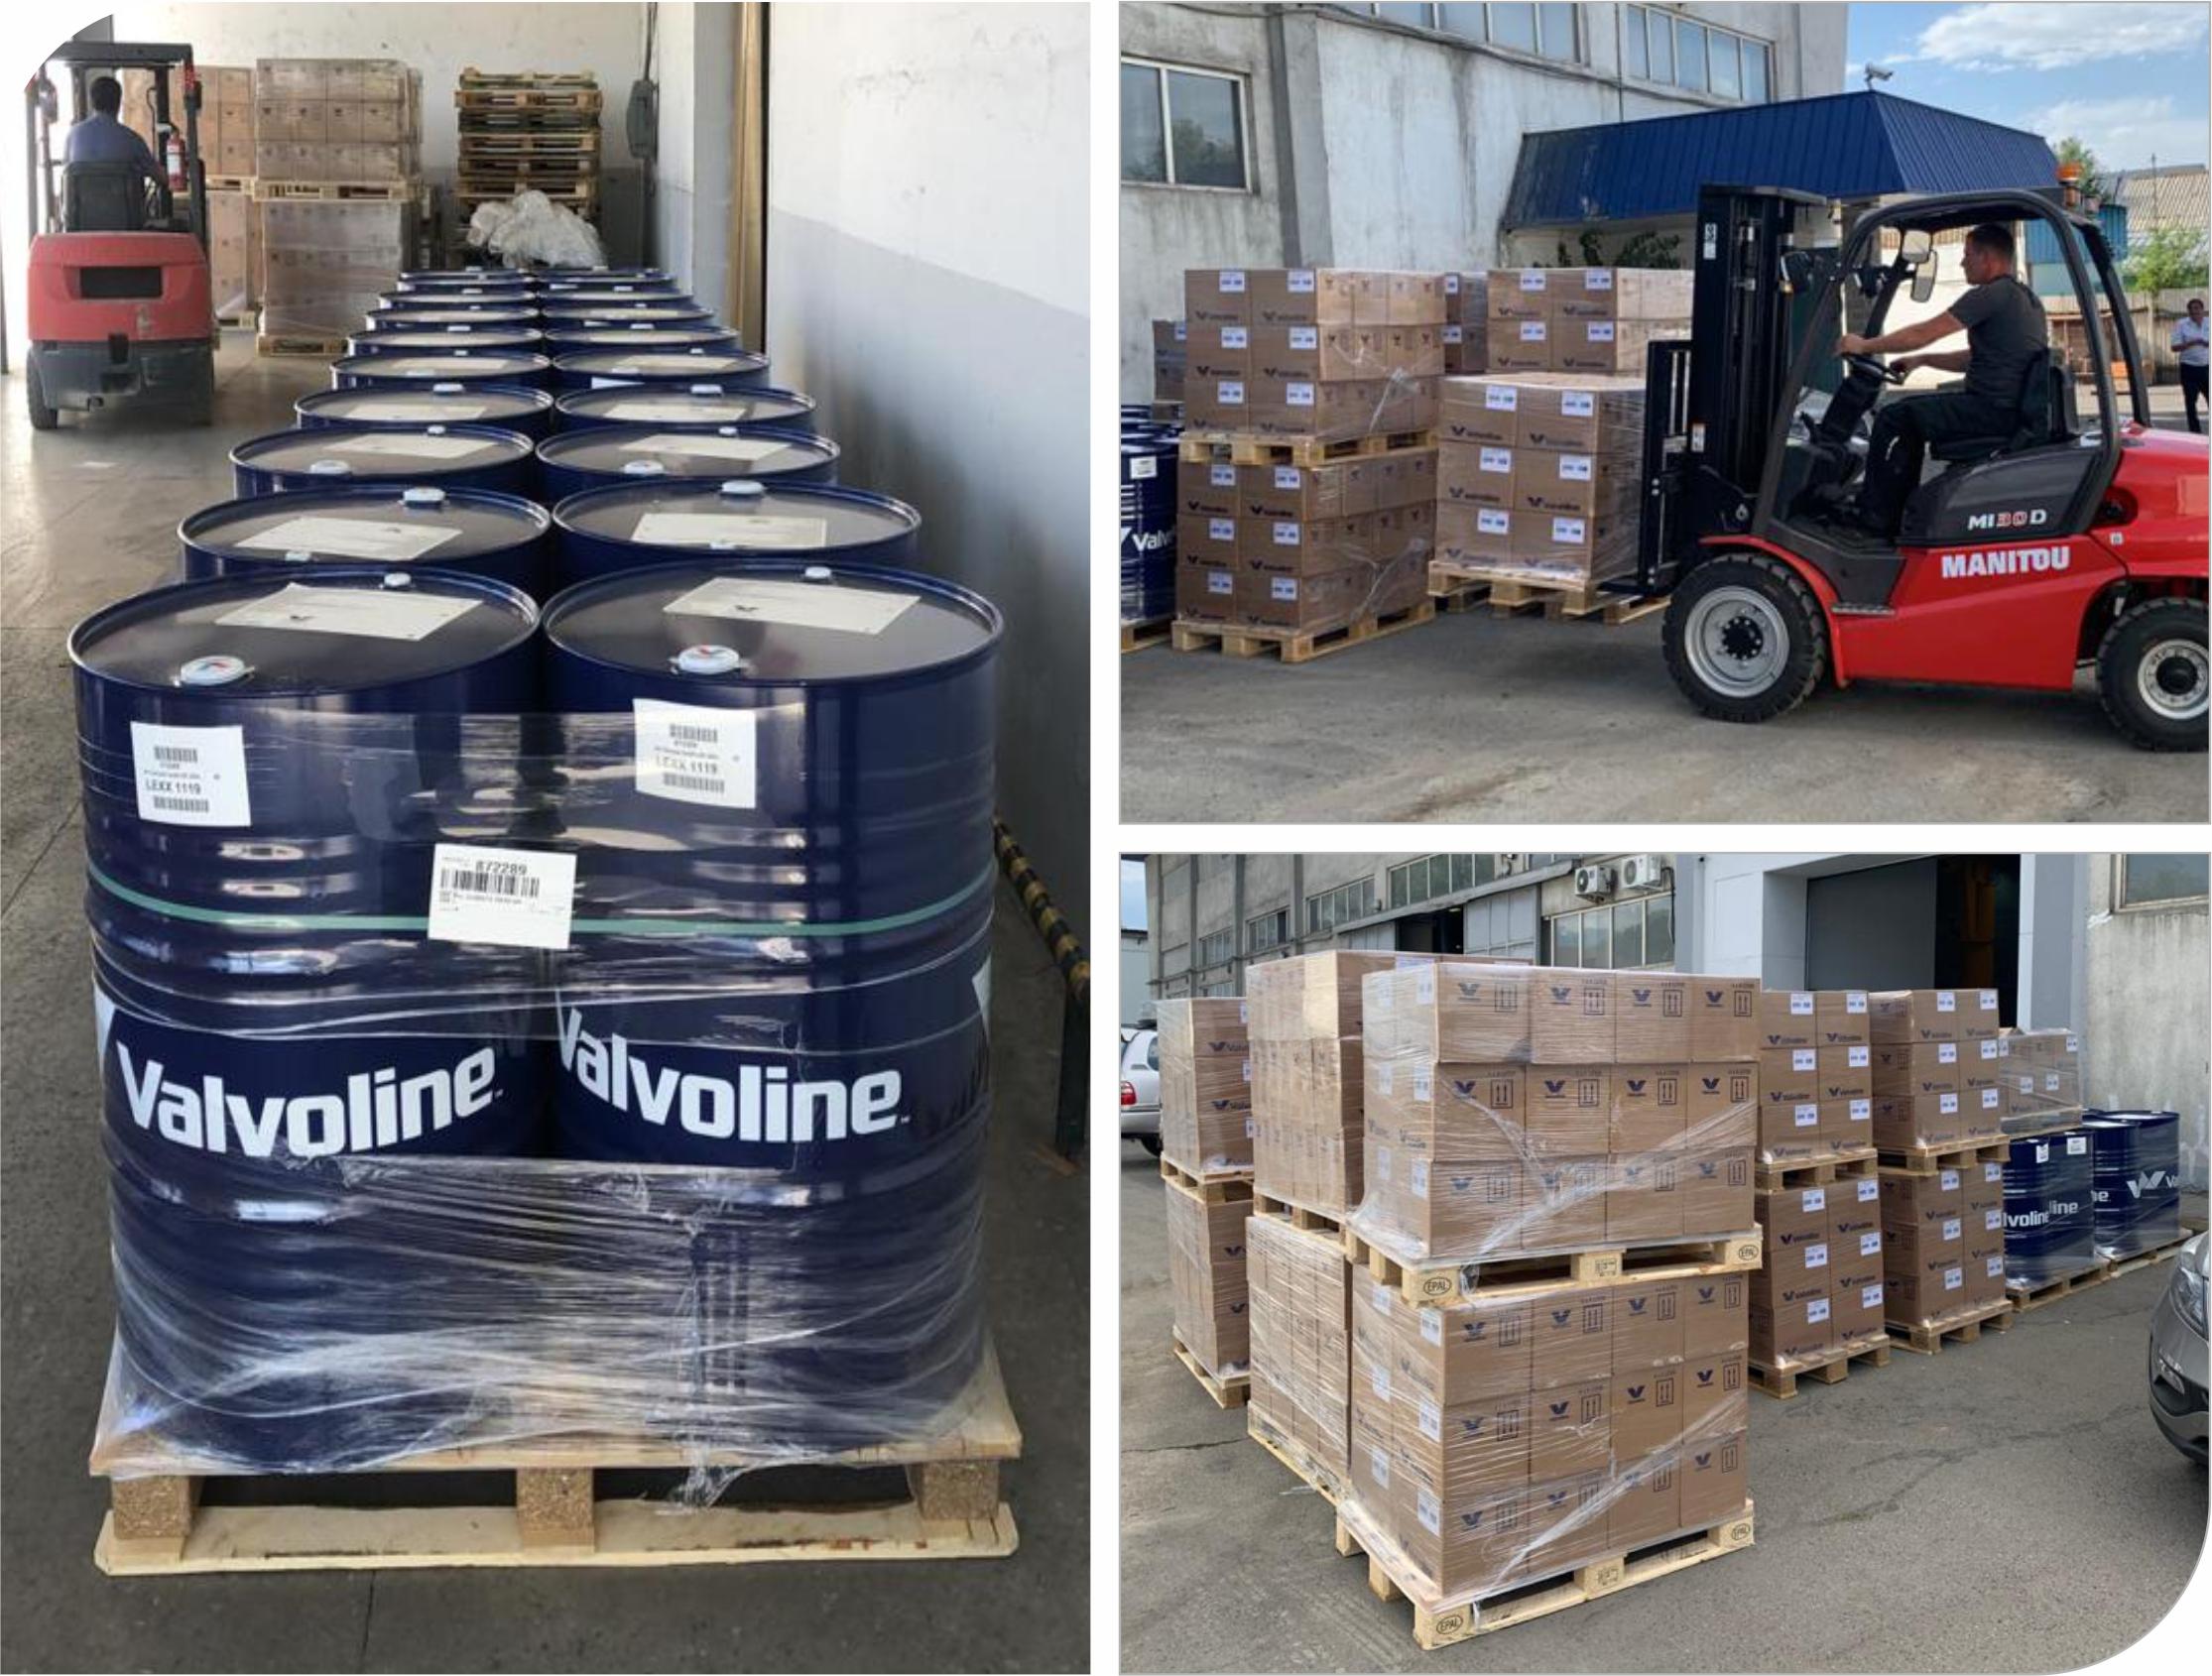 New arrival of Valvoline motor oils